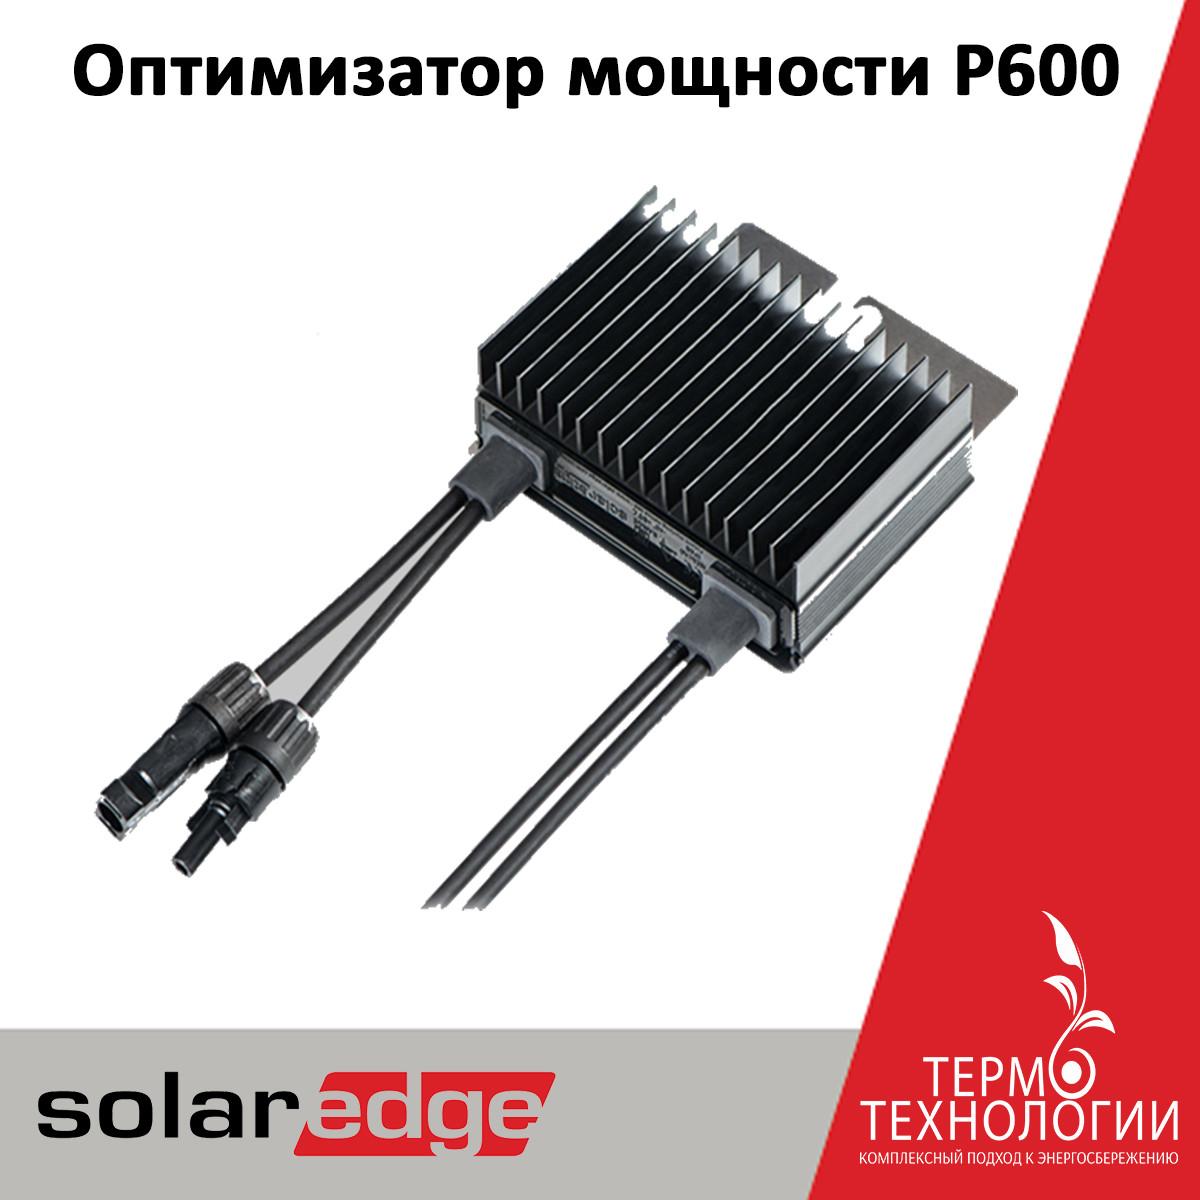 Оптимизатор мощности SolarAdge P600, для 2 ФЭМ по 60 элементов